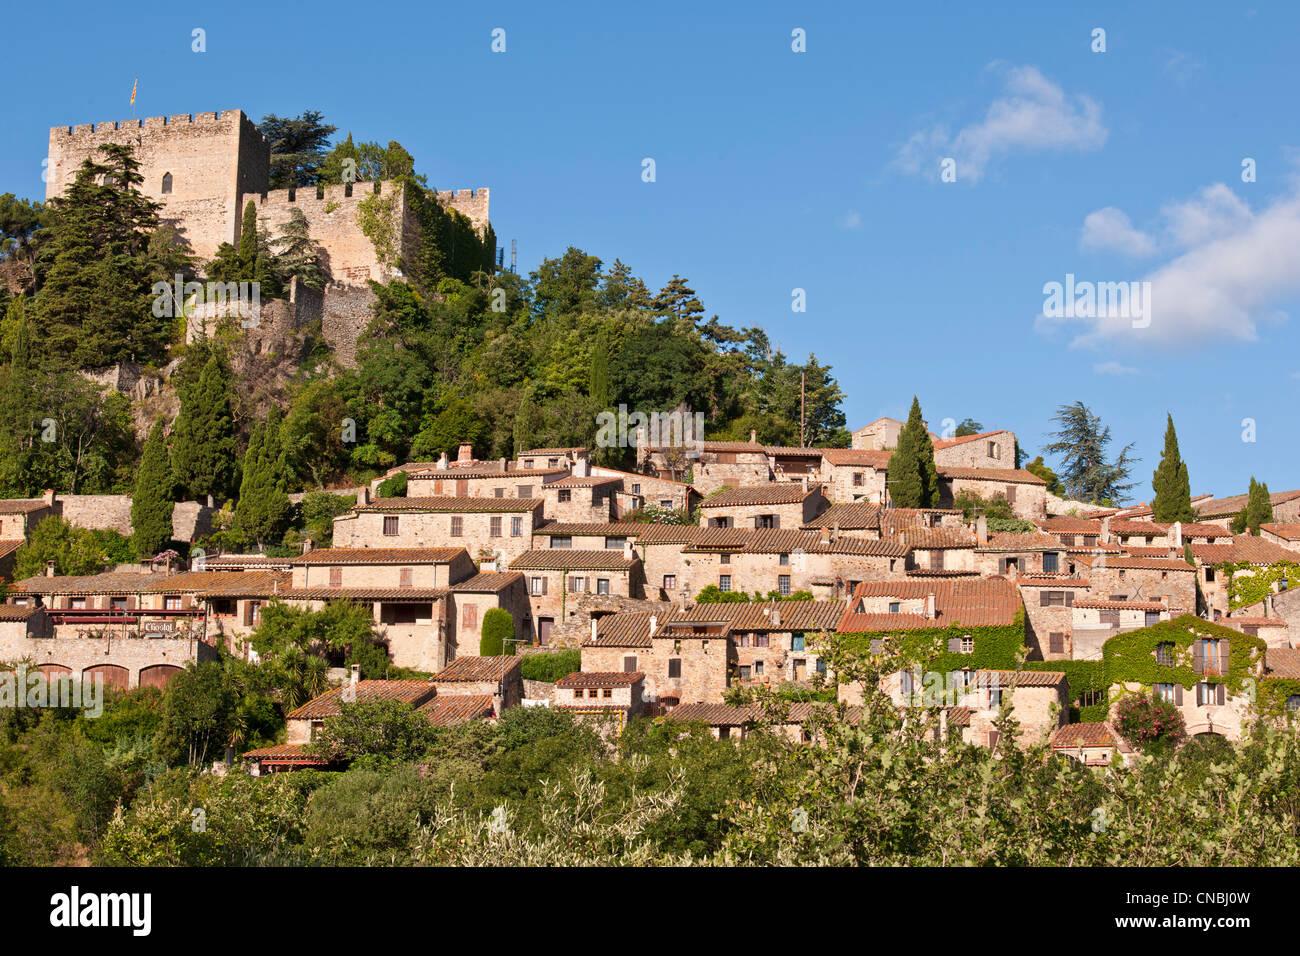 Francia, Pirineos Orientales, Castelnou, etiquetados Les Plus Beaux aldeas de France (Los pueblos más bellos de Francia), el Foto de stock